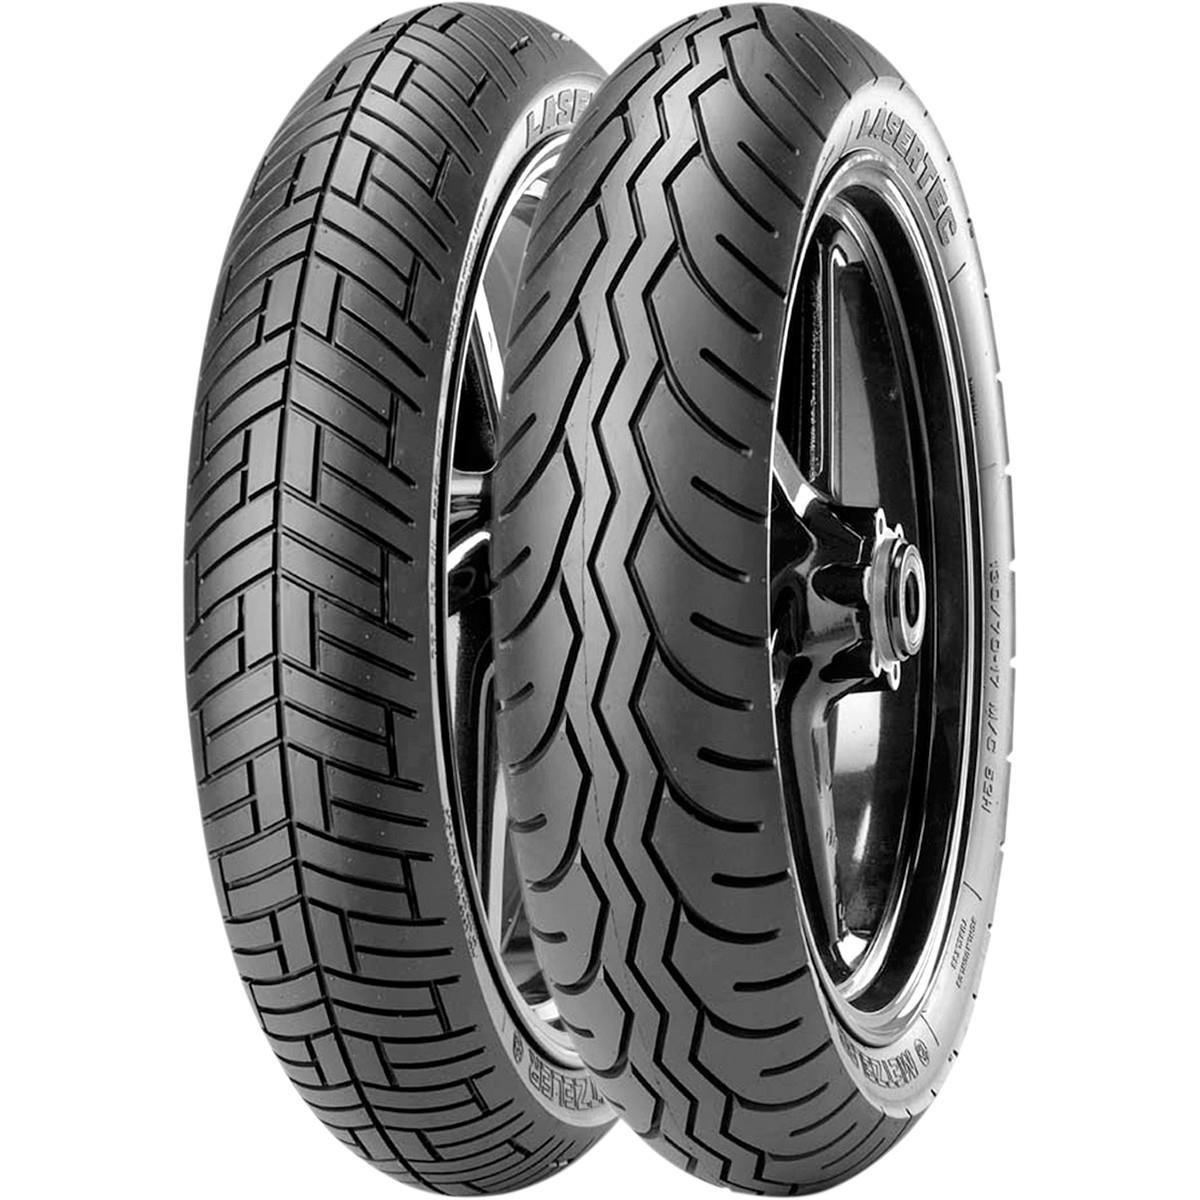 Metzeler Lasertec Rear Tire (150/80-16V) 1533400